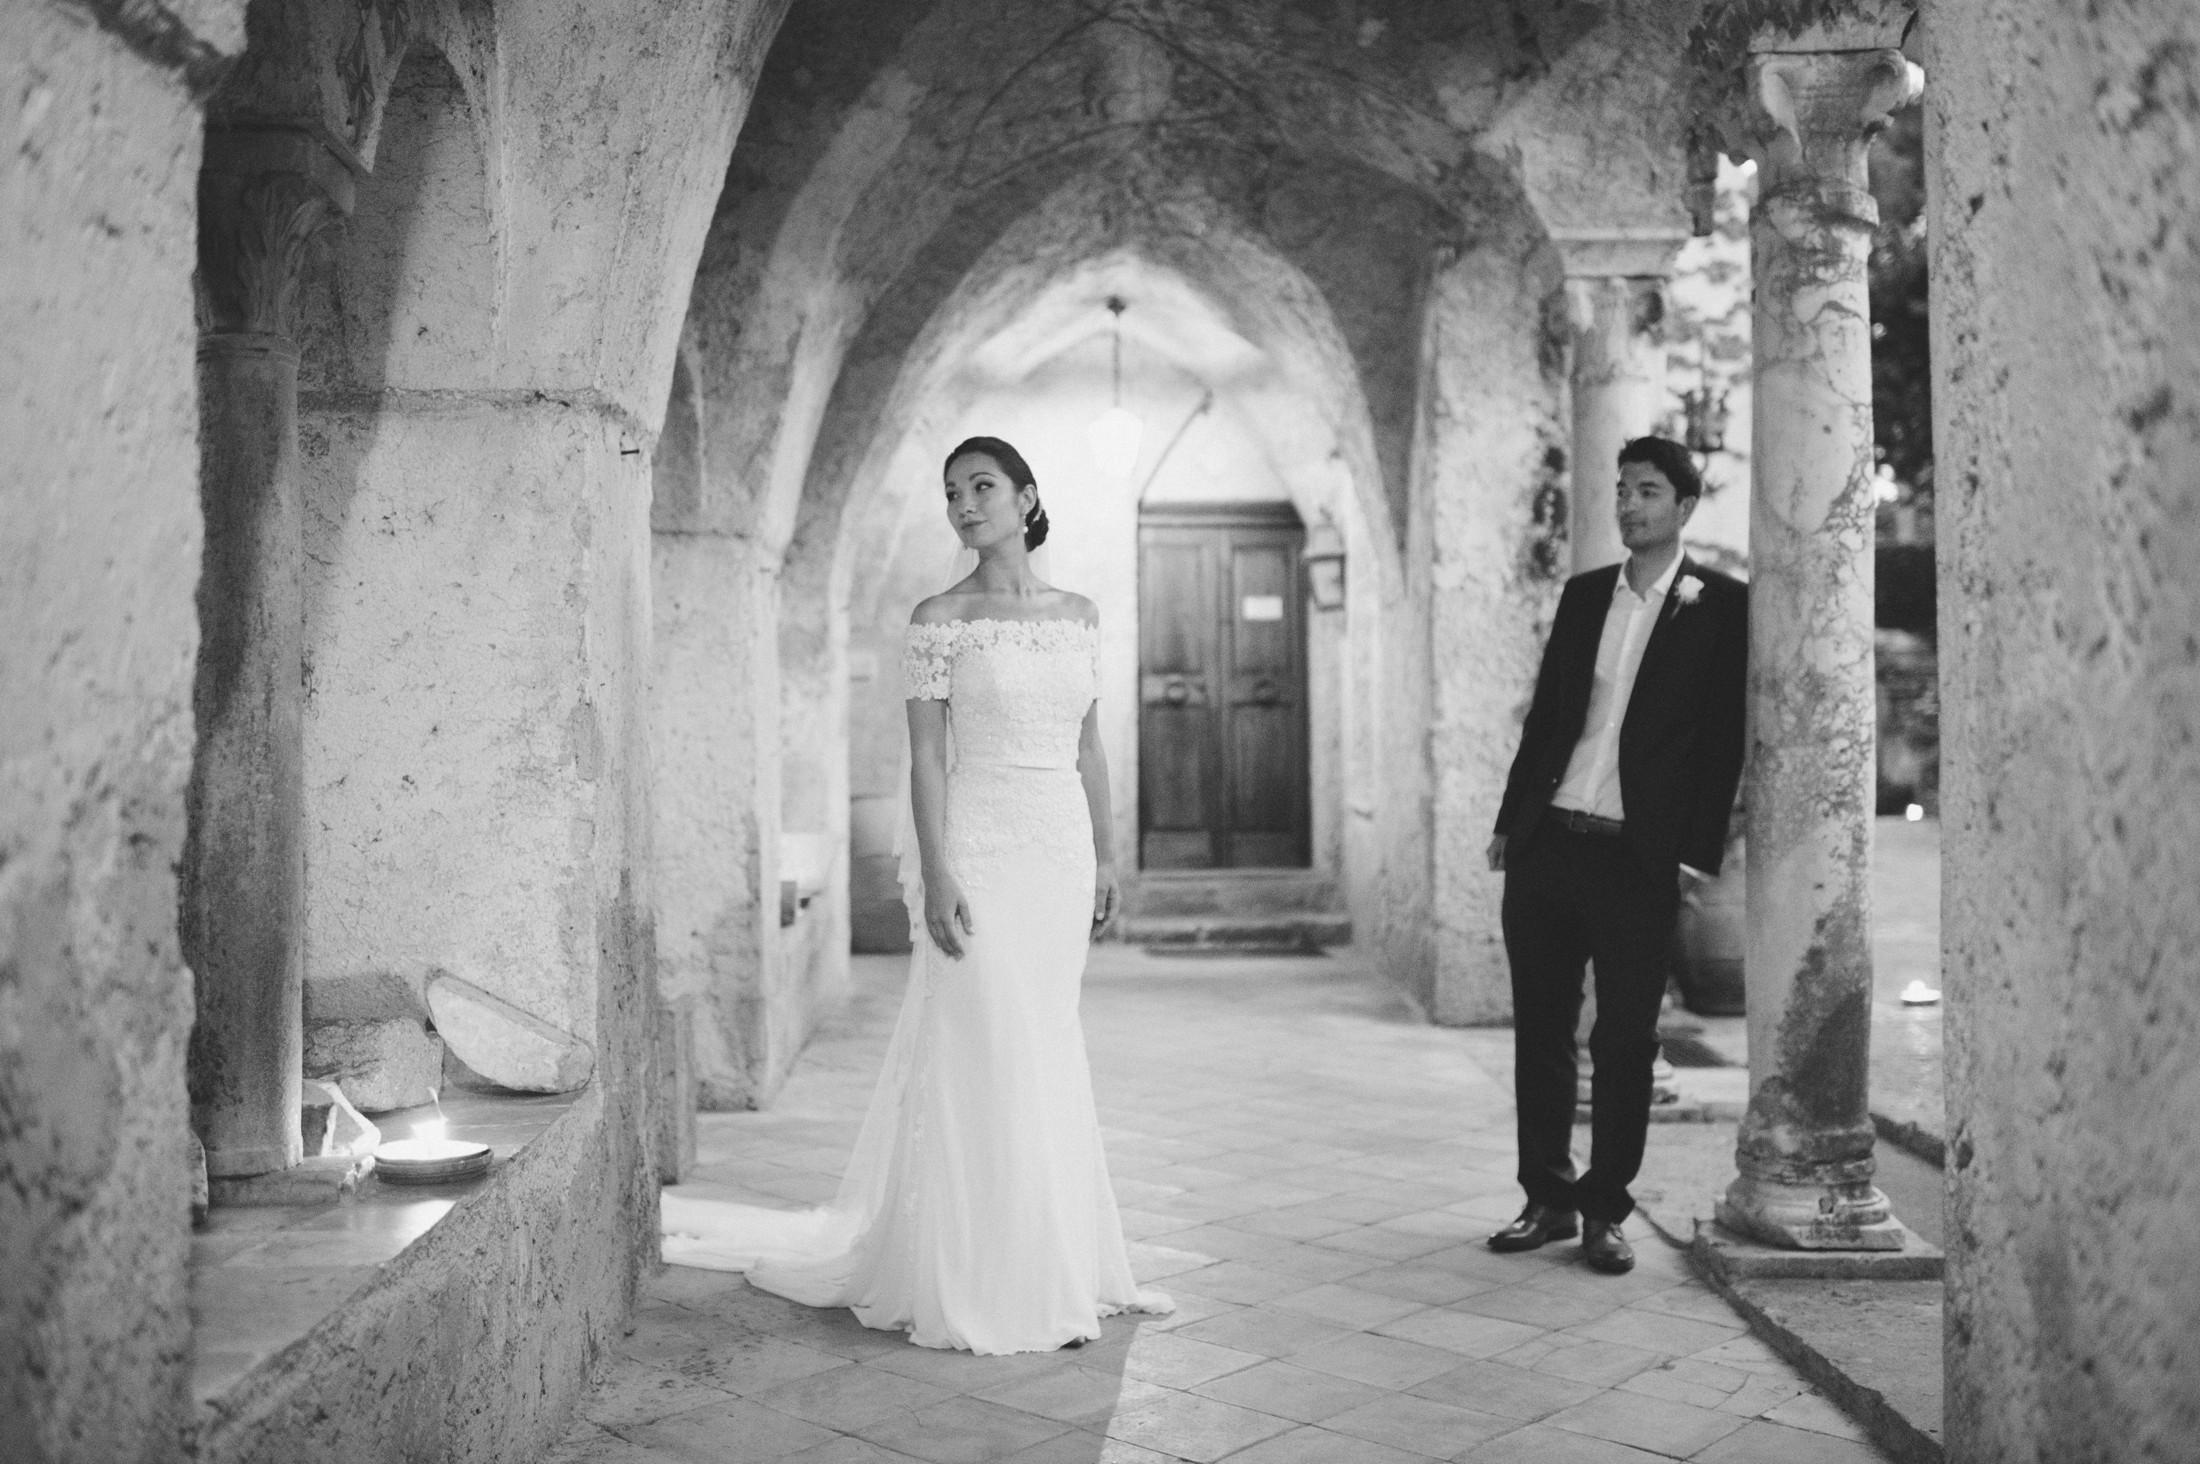 bride and groom's portrait in villa cimbrone black and white